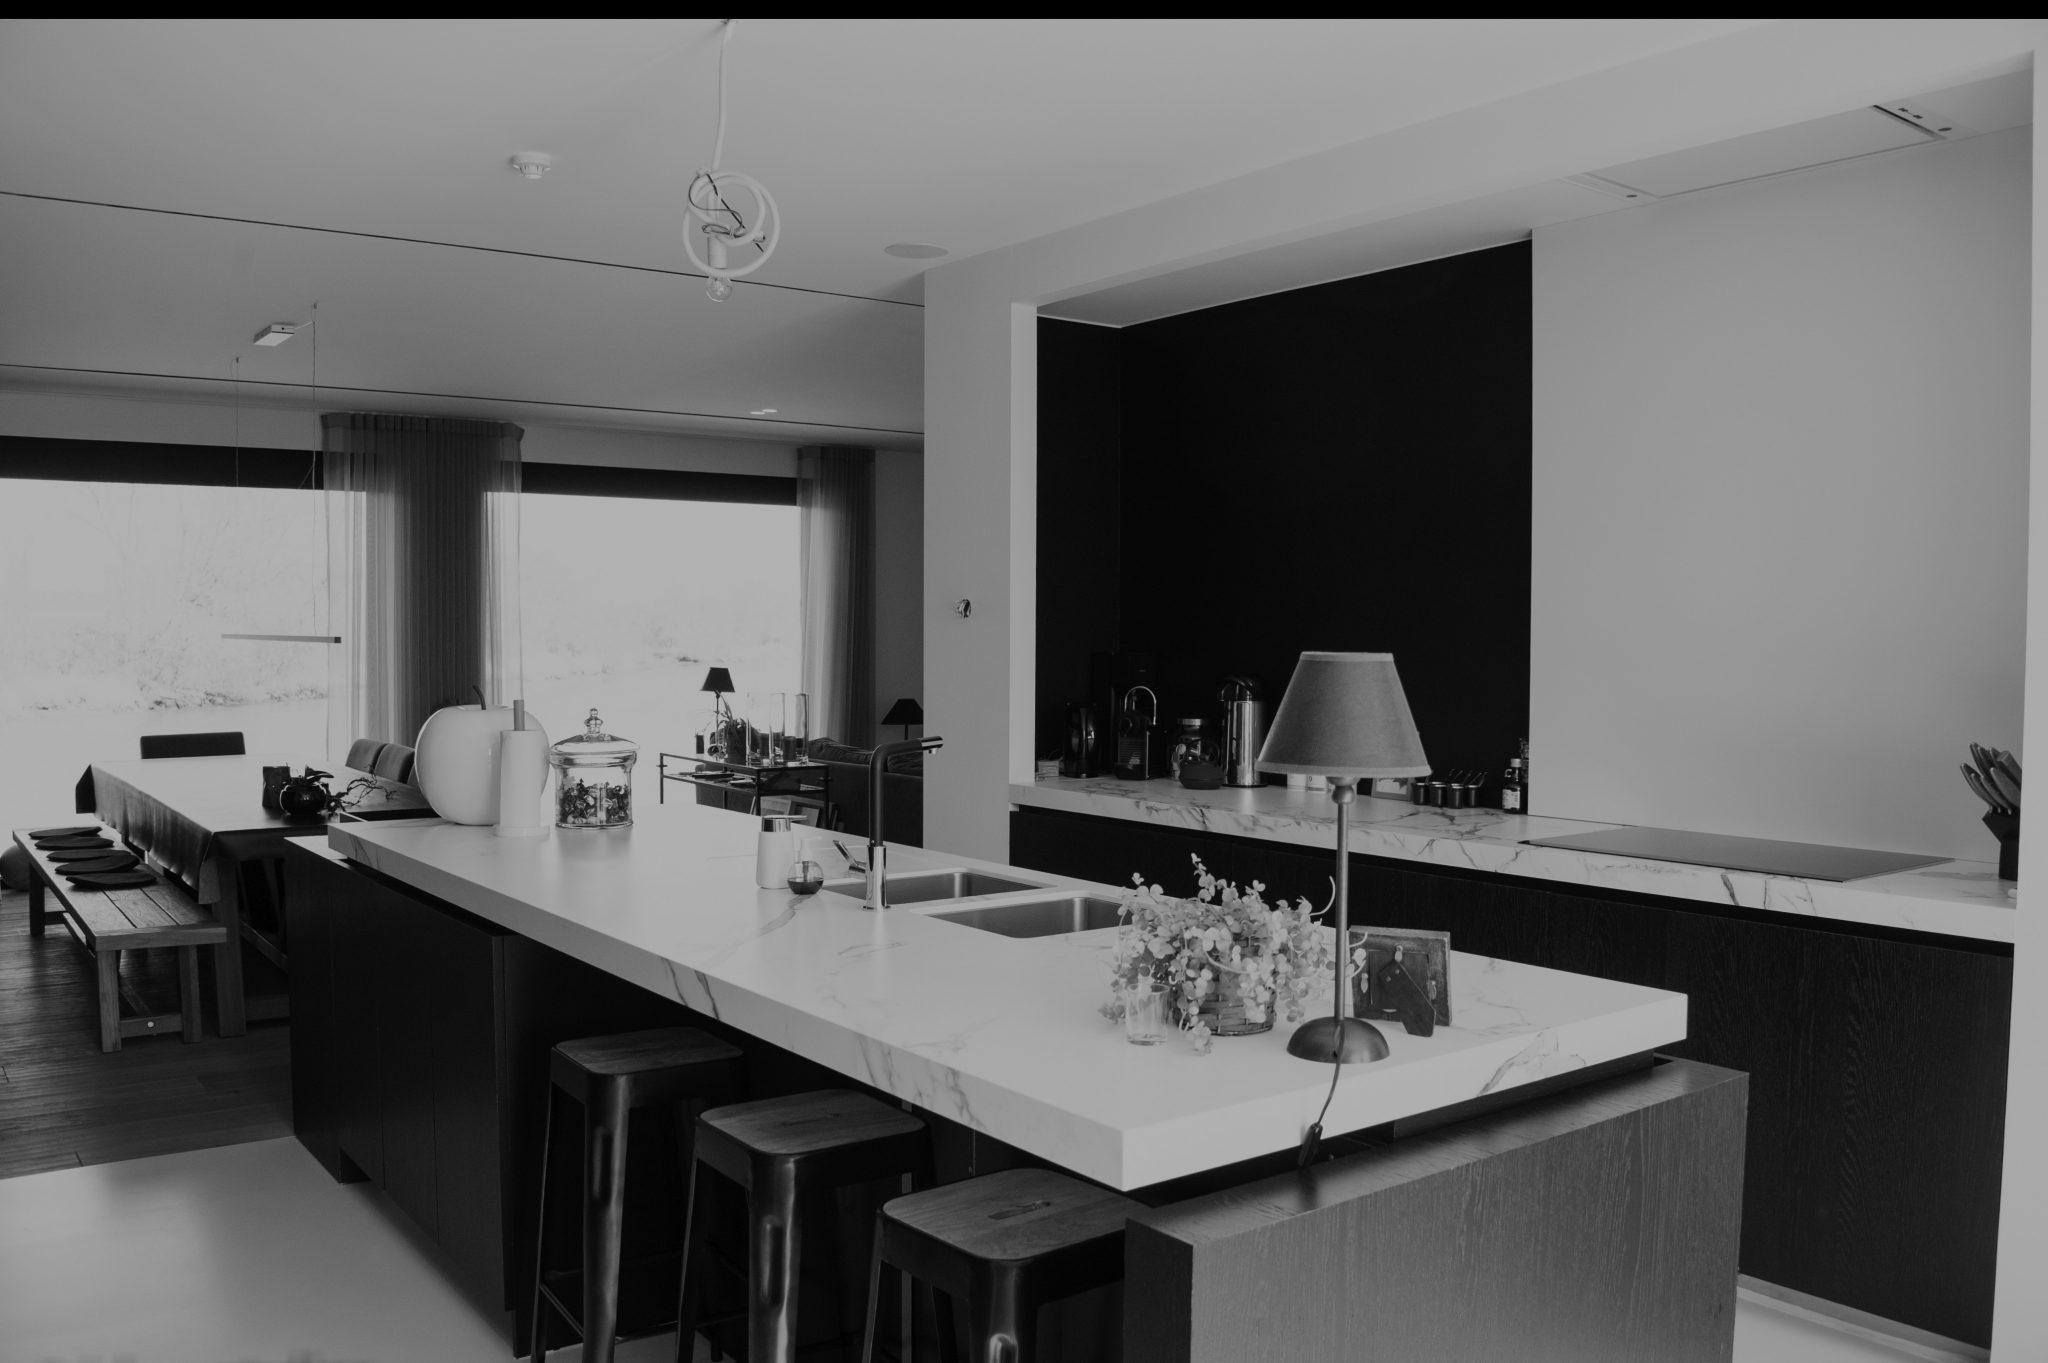 zwart wit foto van een moderne keuken